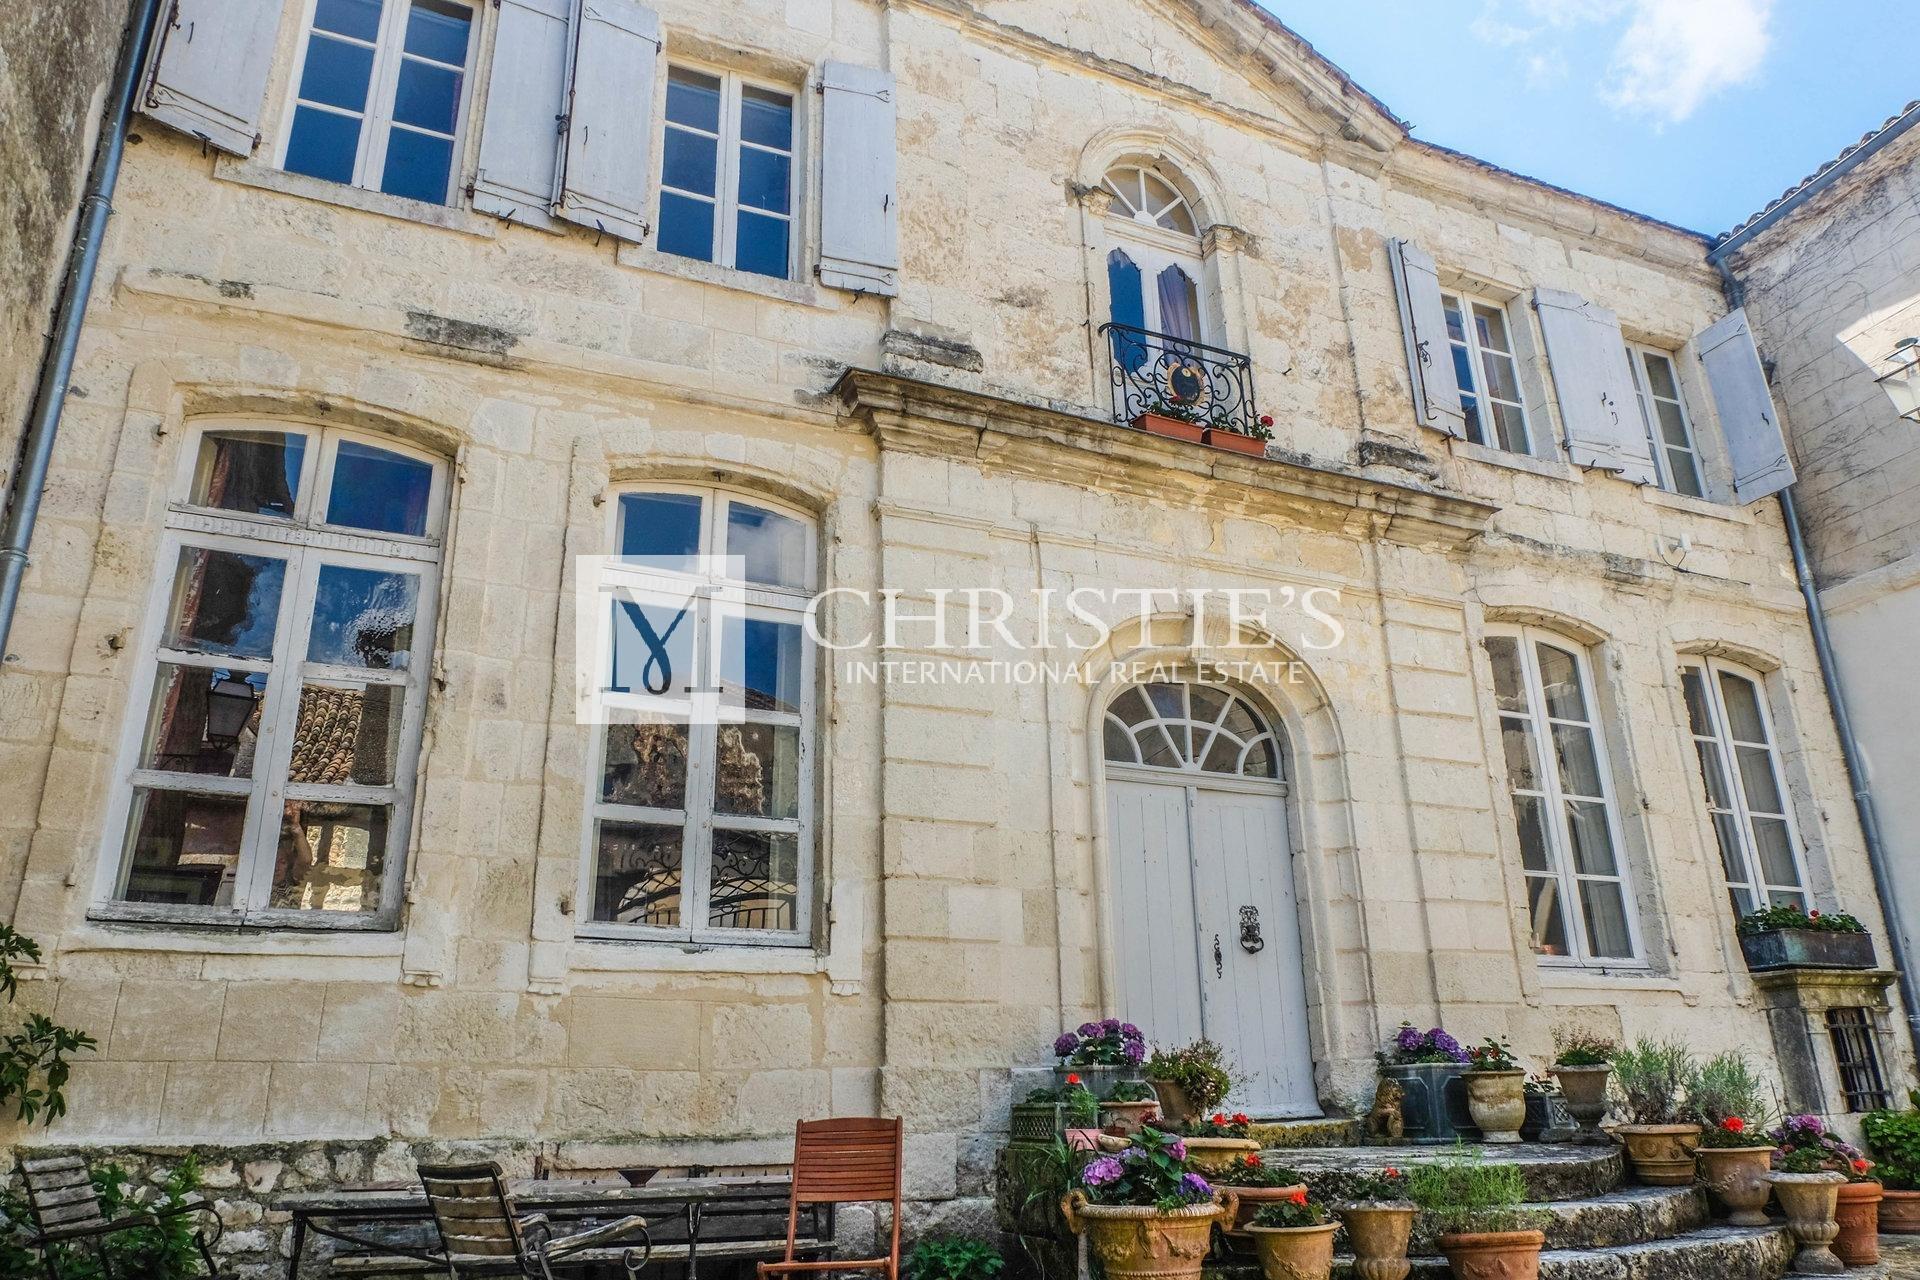 Château historique du XVIIIe siècle dans la Bastide / Castillonnès